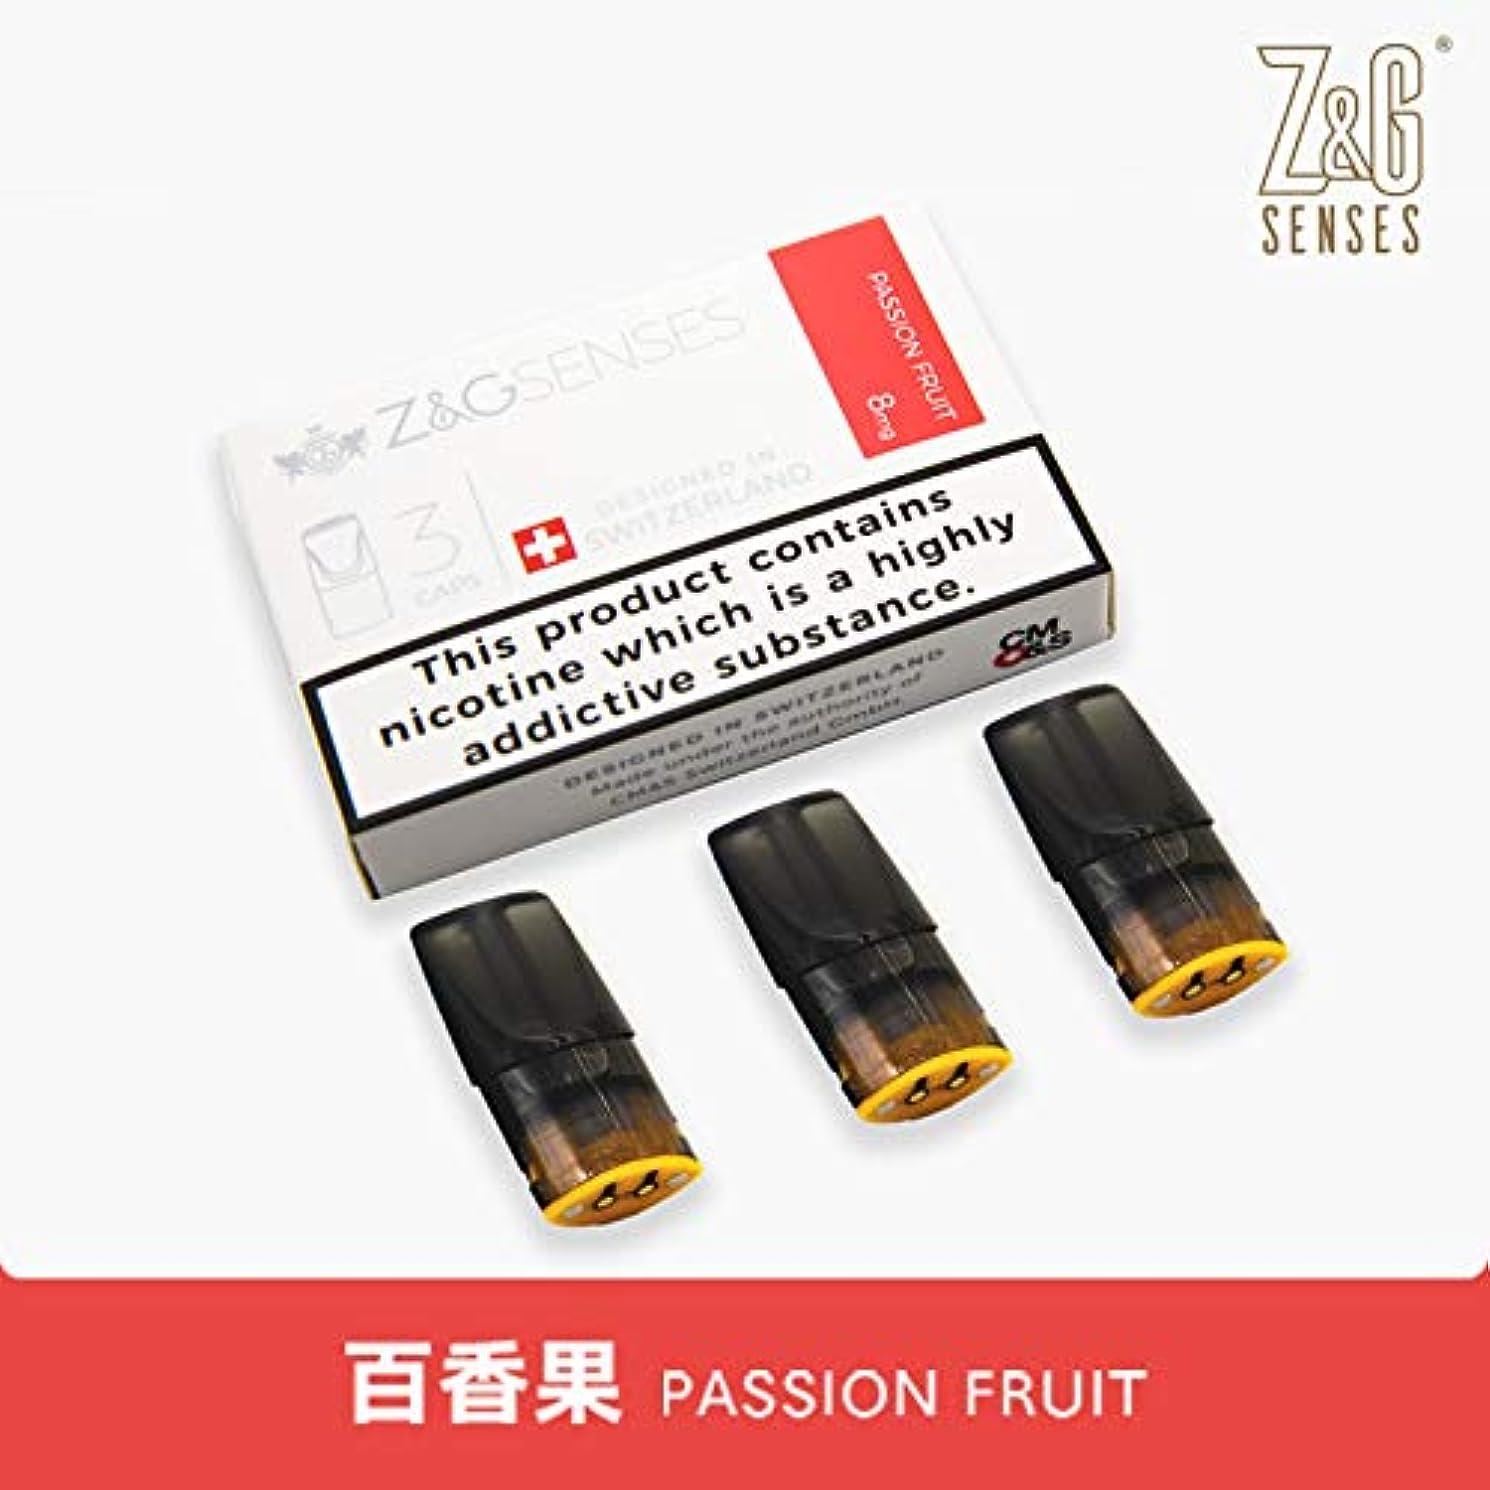 トラフィック持っている相対性理論[正規品]Z&G Sense Epan replacement pods 3pcs 尊格烟弹多重口味可选 (百香果)